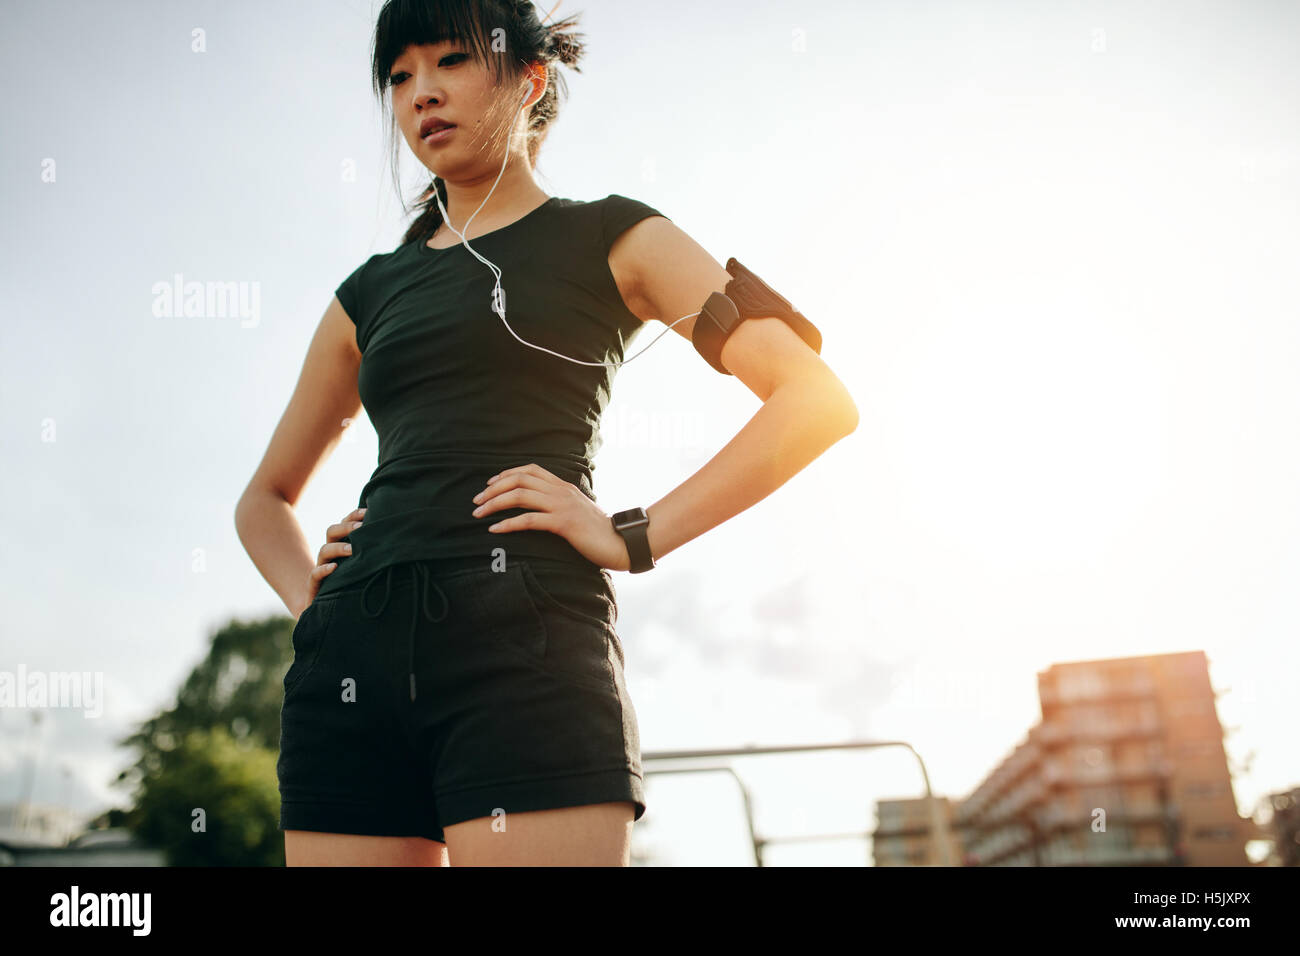 Coup de jeune femme chinoise en faisant une pause au cours d'un jogging matinal. Femme debout à l'extérieur Photo Stock